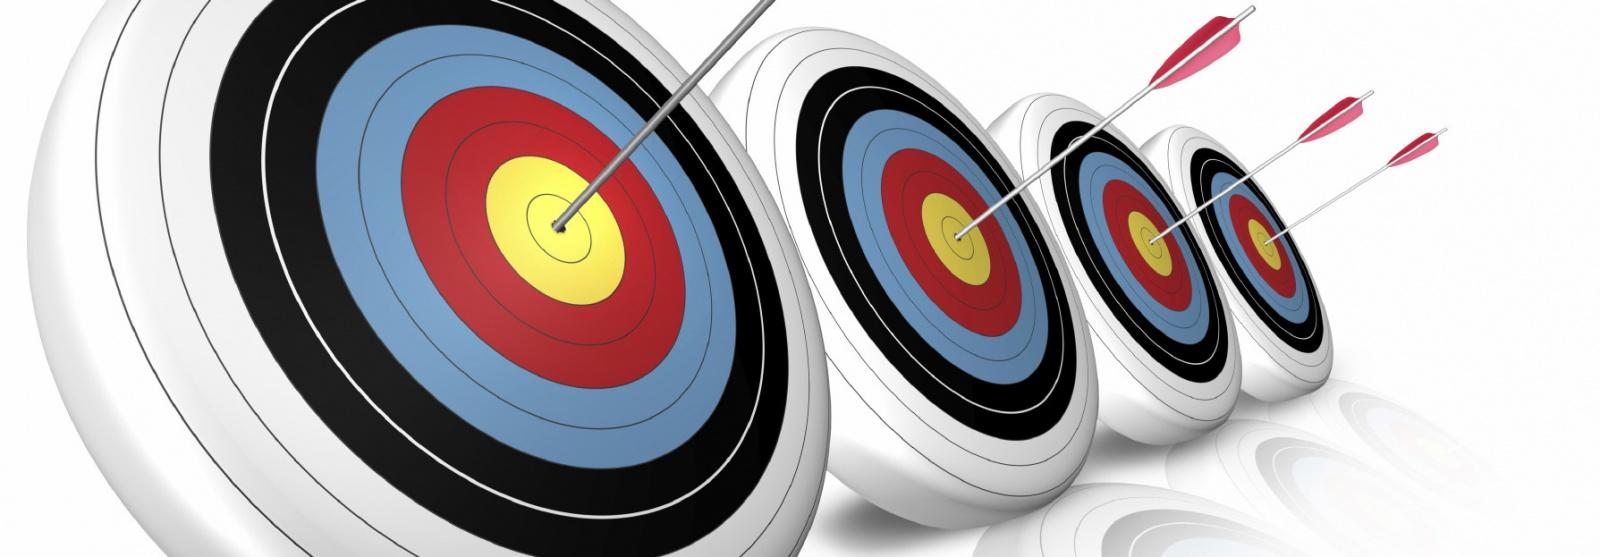 Создаём KPI и Систему Сбалансированных Показателей своими руками. Часть первая — теоретическая - 1